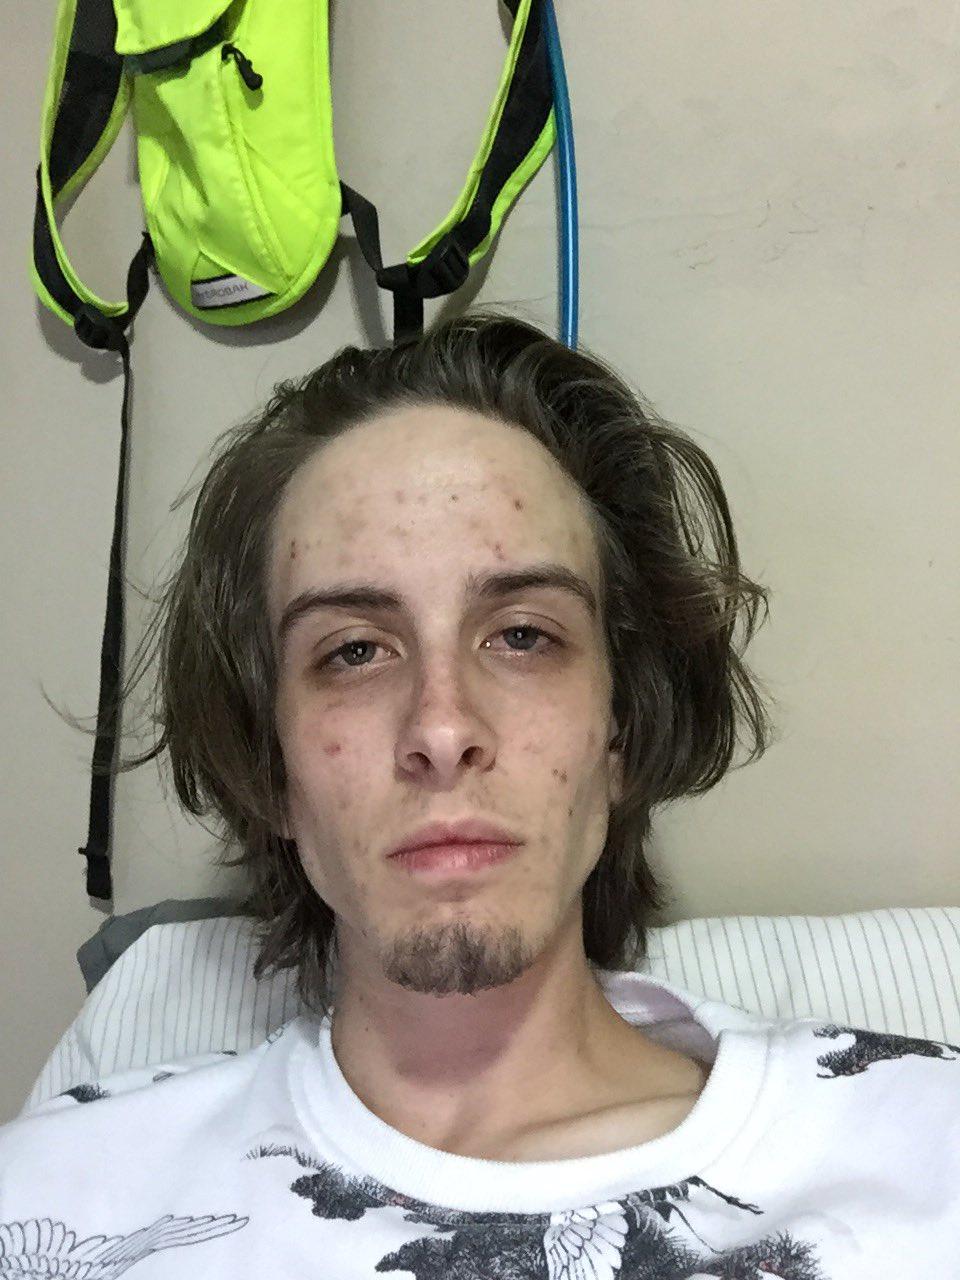 Foto vo vnútri: Takto vyzerá dnes mladík, ktorý bol kedysi drogovo závislý